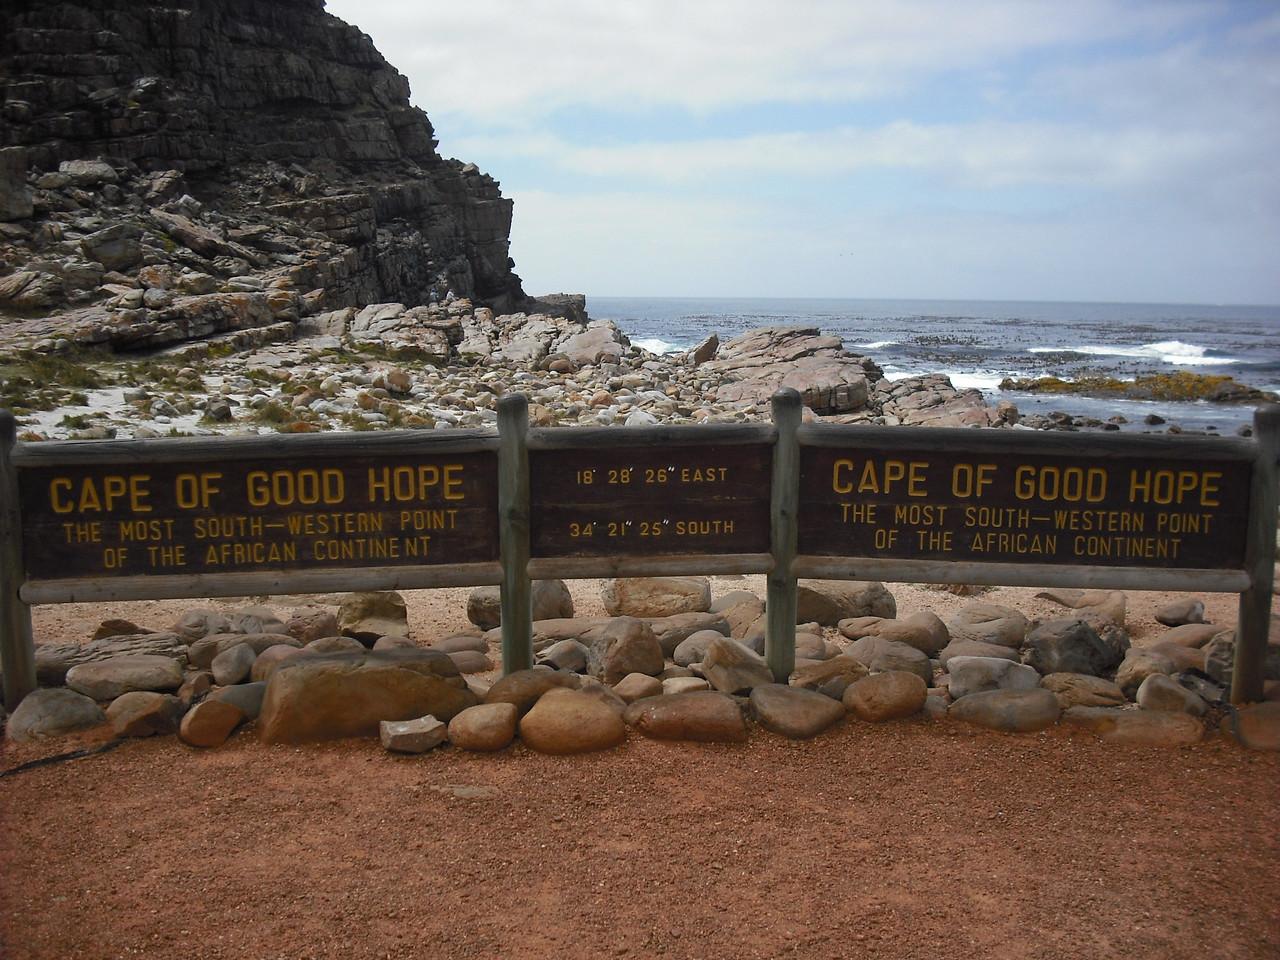 Cape of Good Hope!